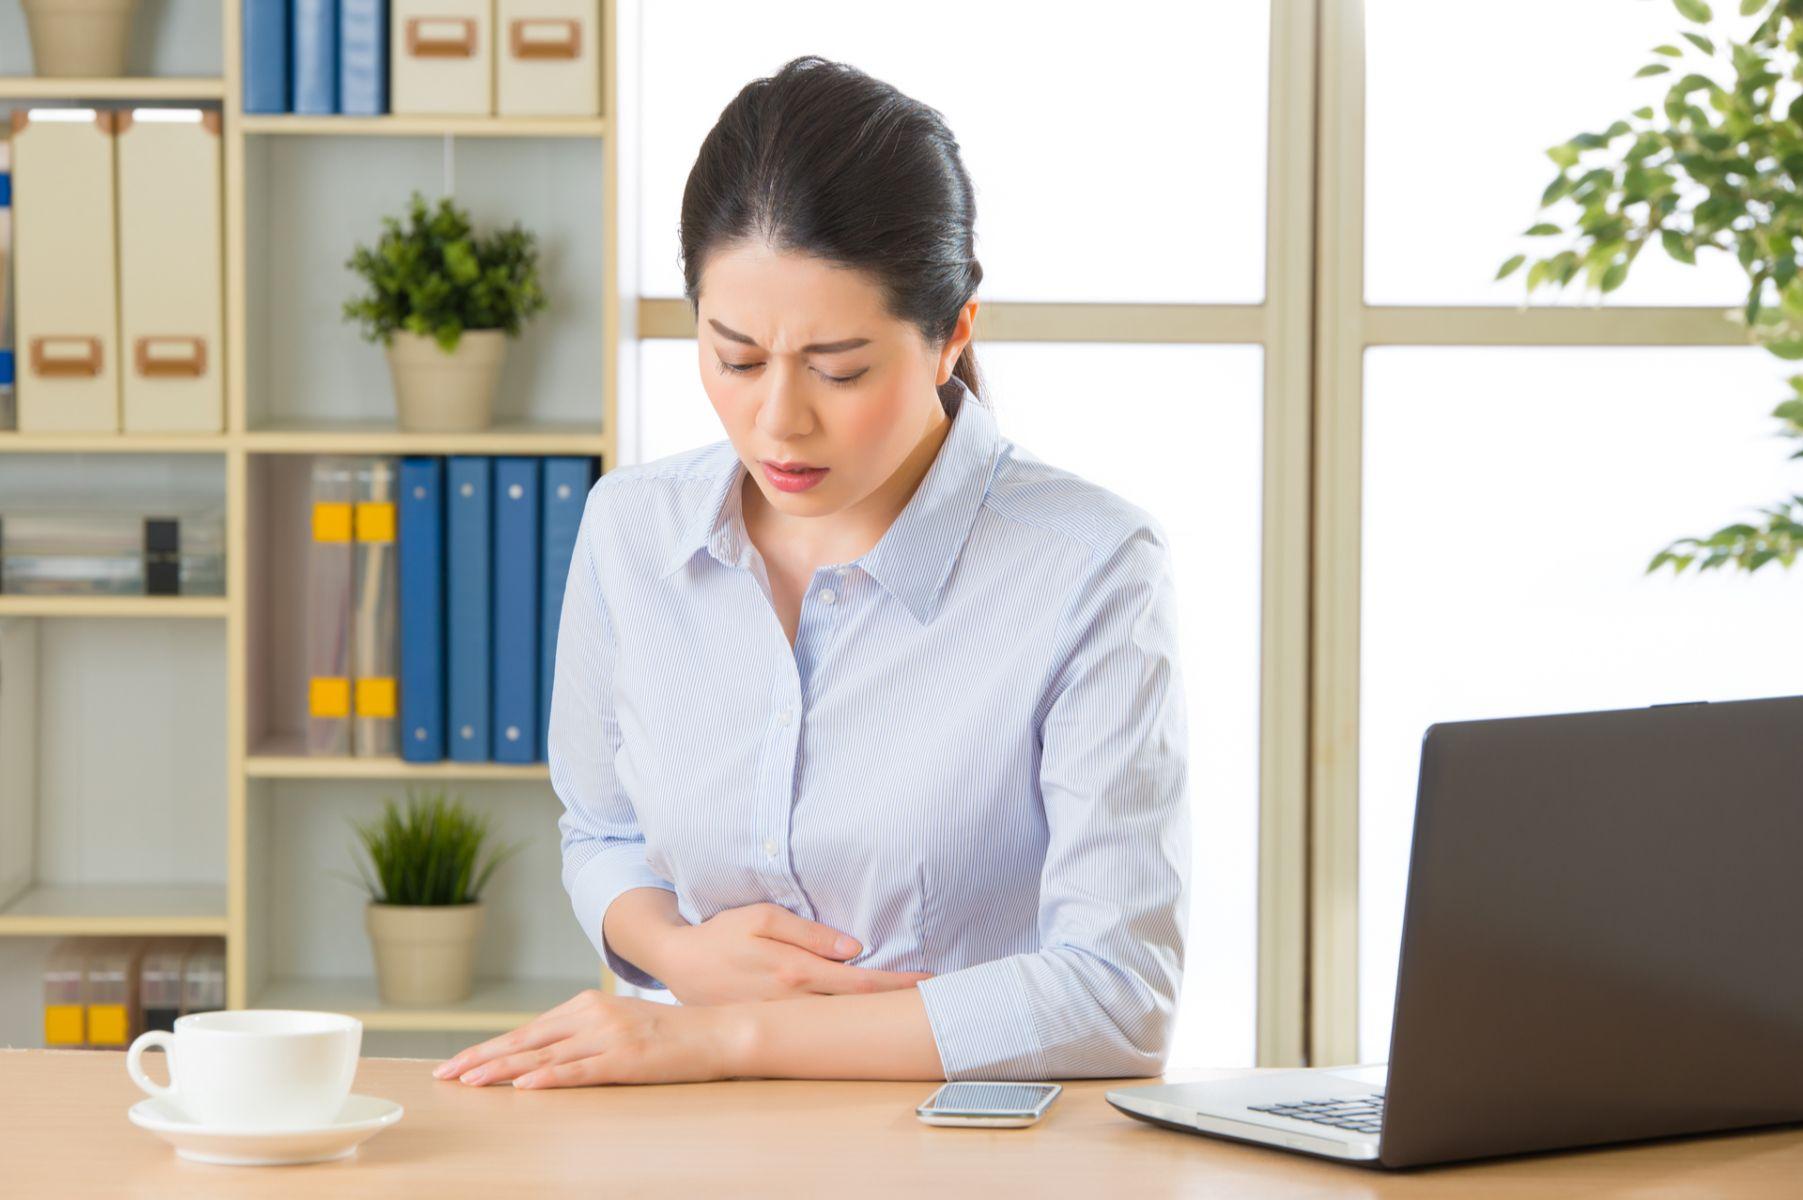 小心防範病毒性腸胃炎 往年春節急診較平日高